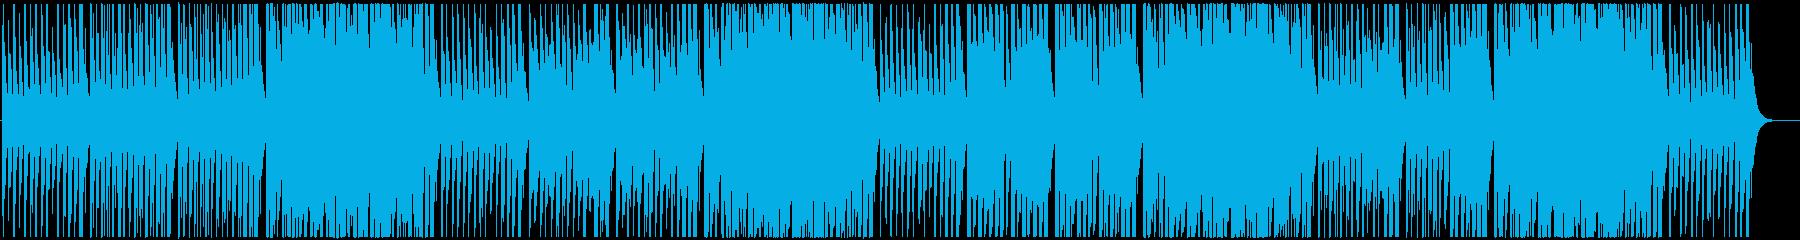 3分クッキング風BGMの再生済みの波形